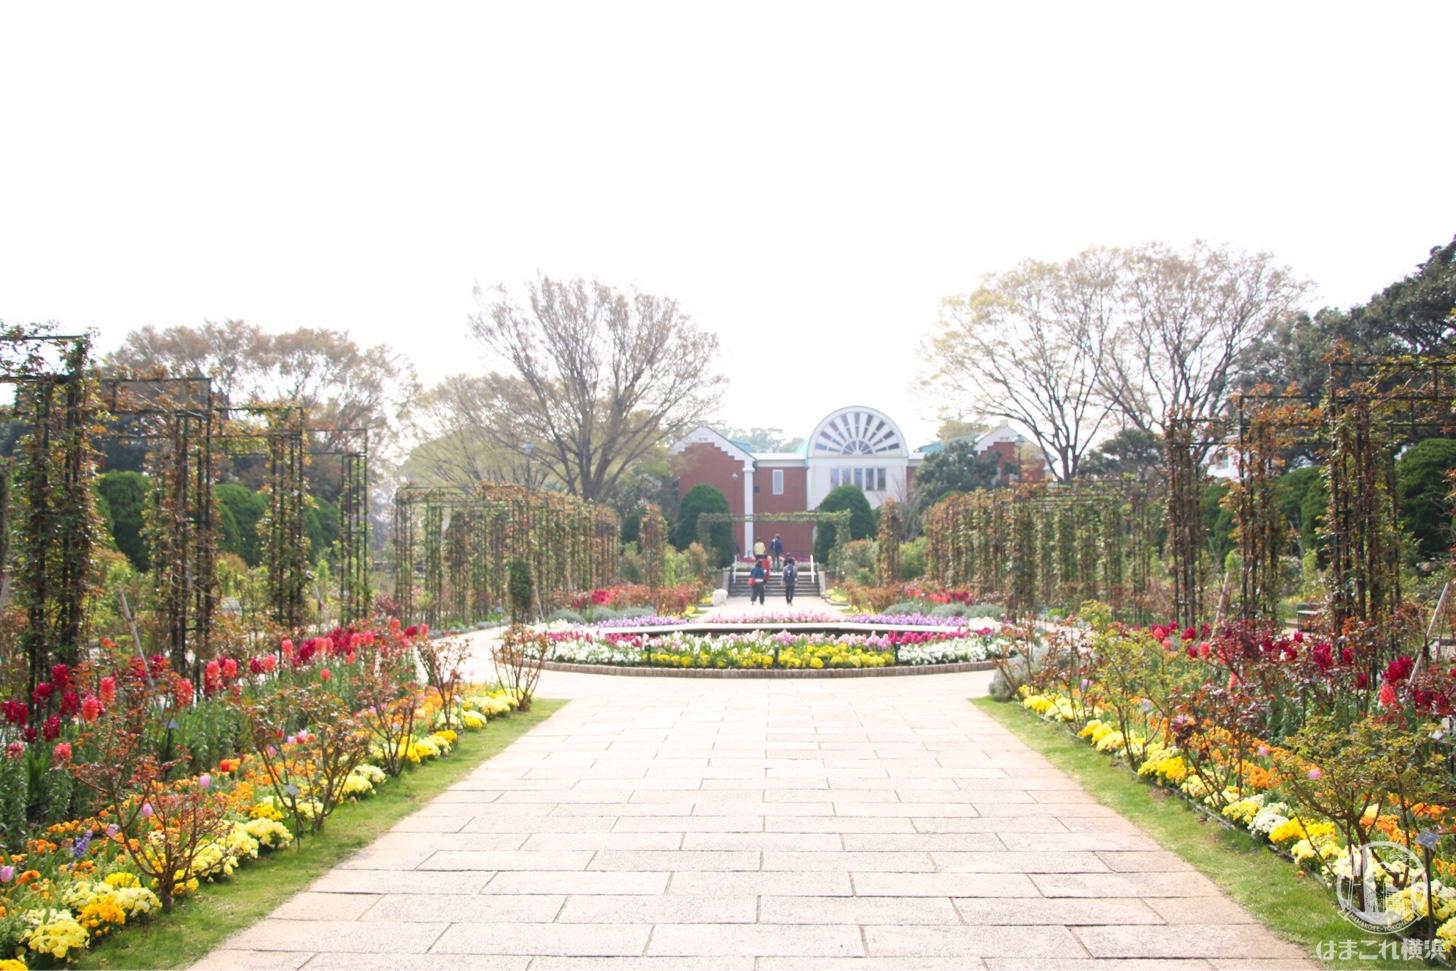 港の見える丘公園 ガーデン